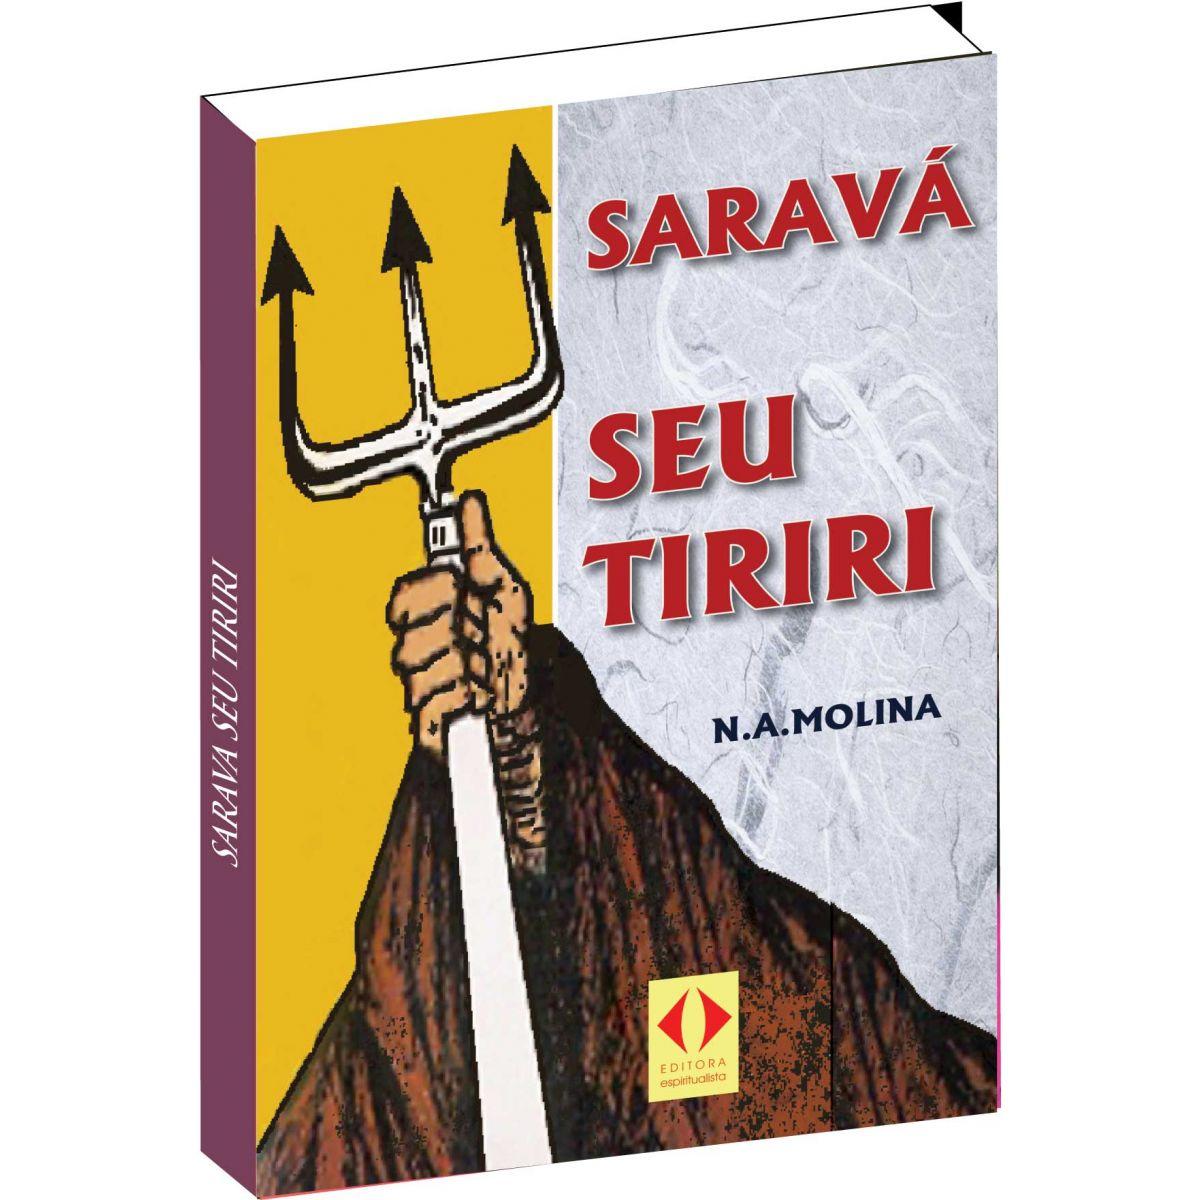 Brinde na compra de 2 livros - Sarava seu Tiriri  - Livropostal Editora